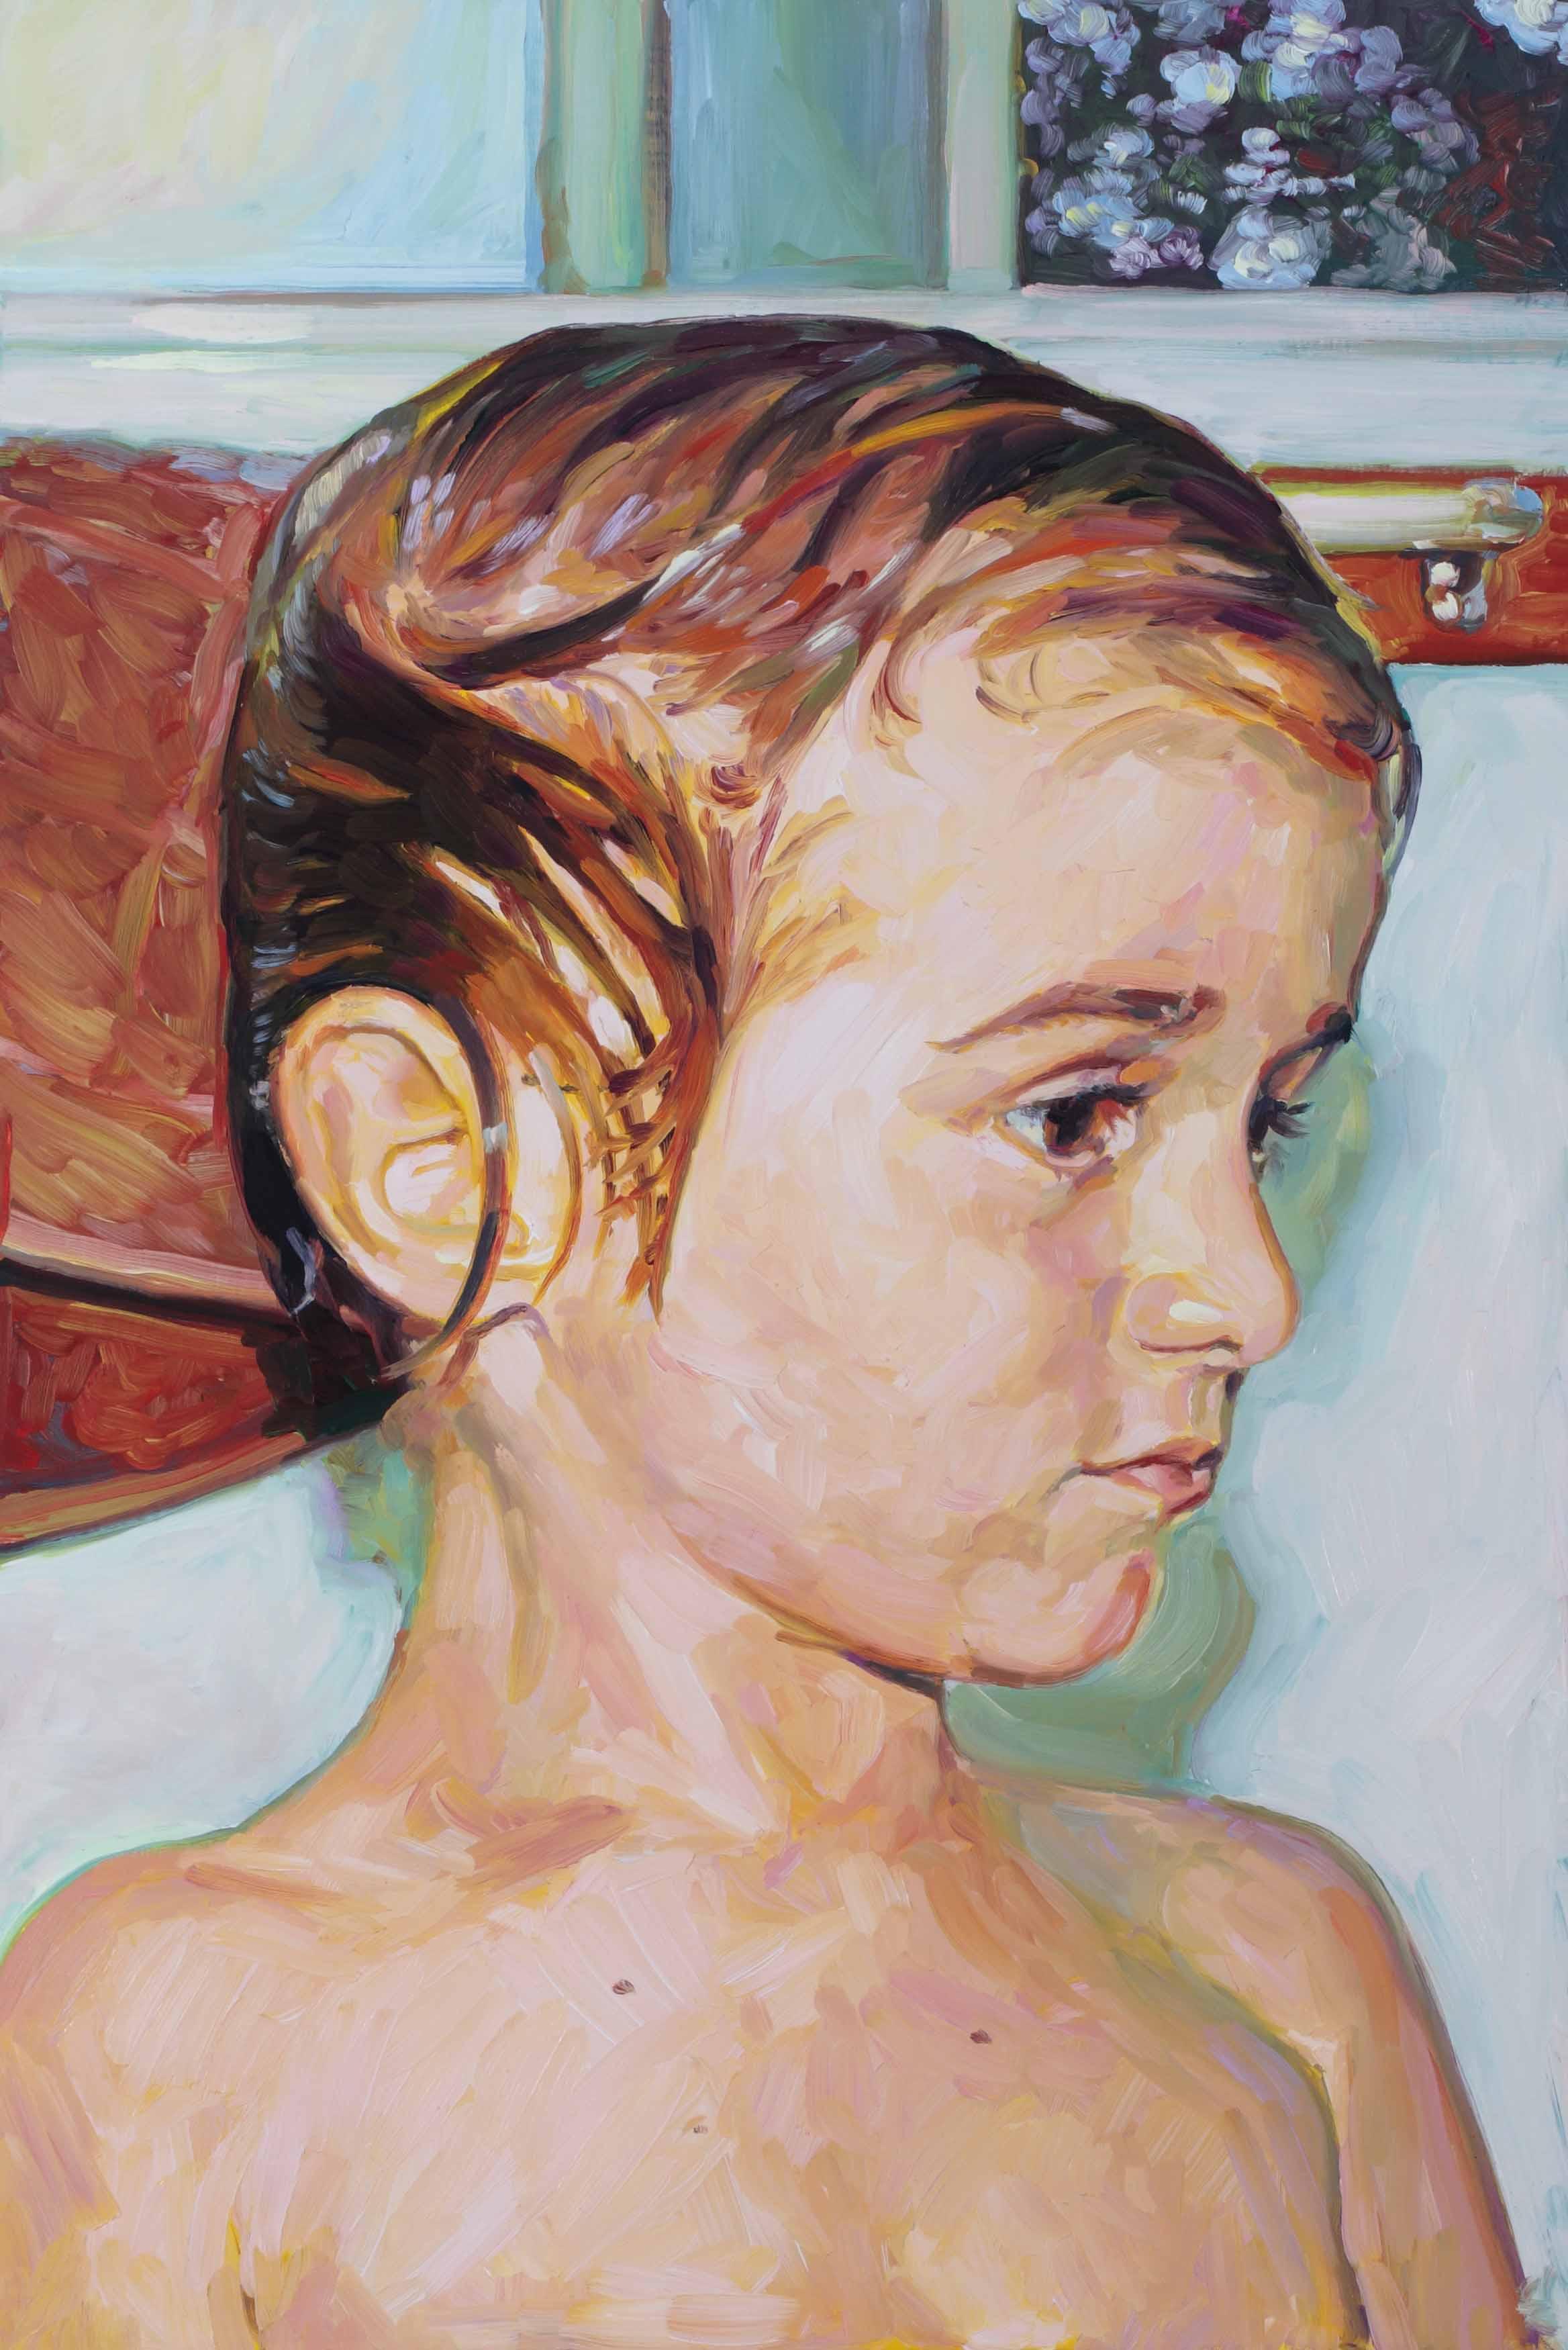 Hugo, oil on board, 60 x 40 cm, 2008.